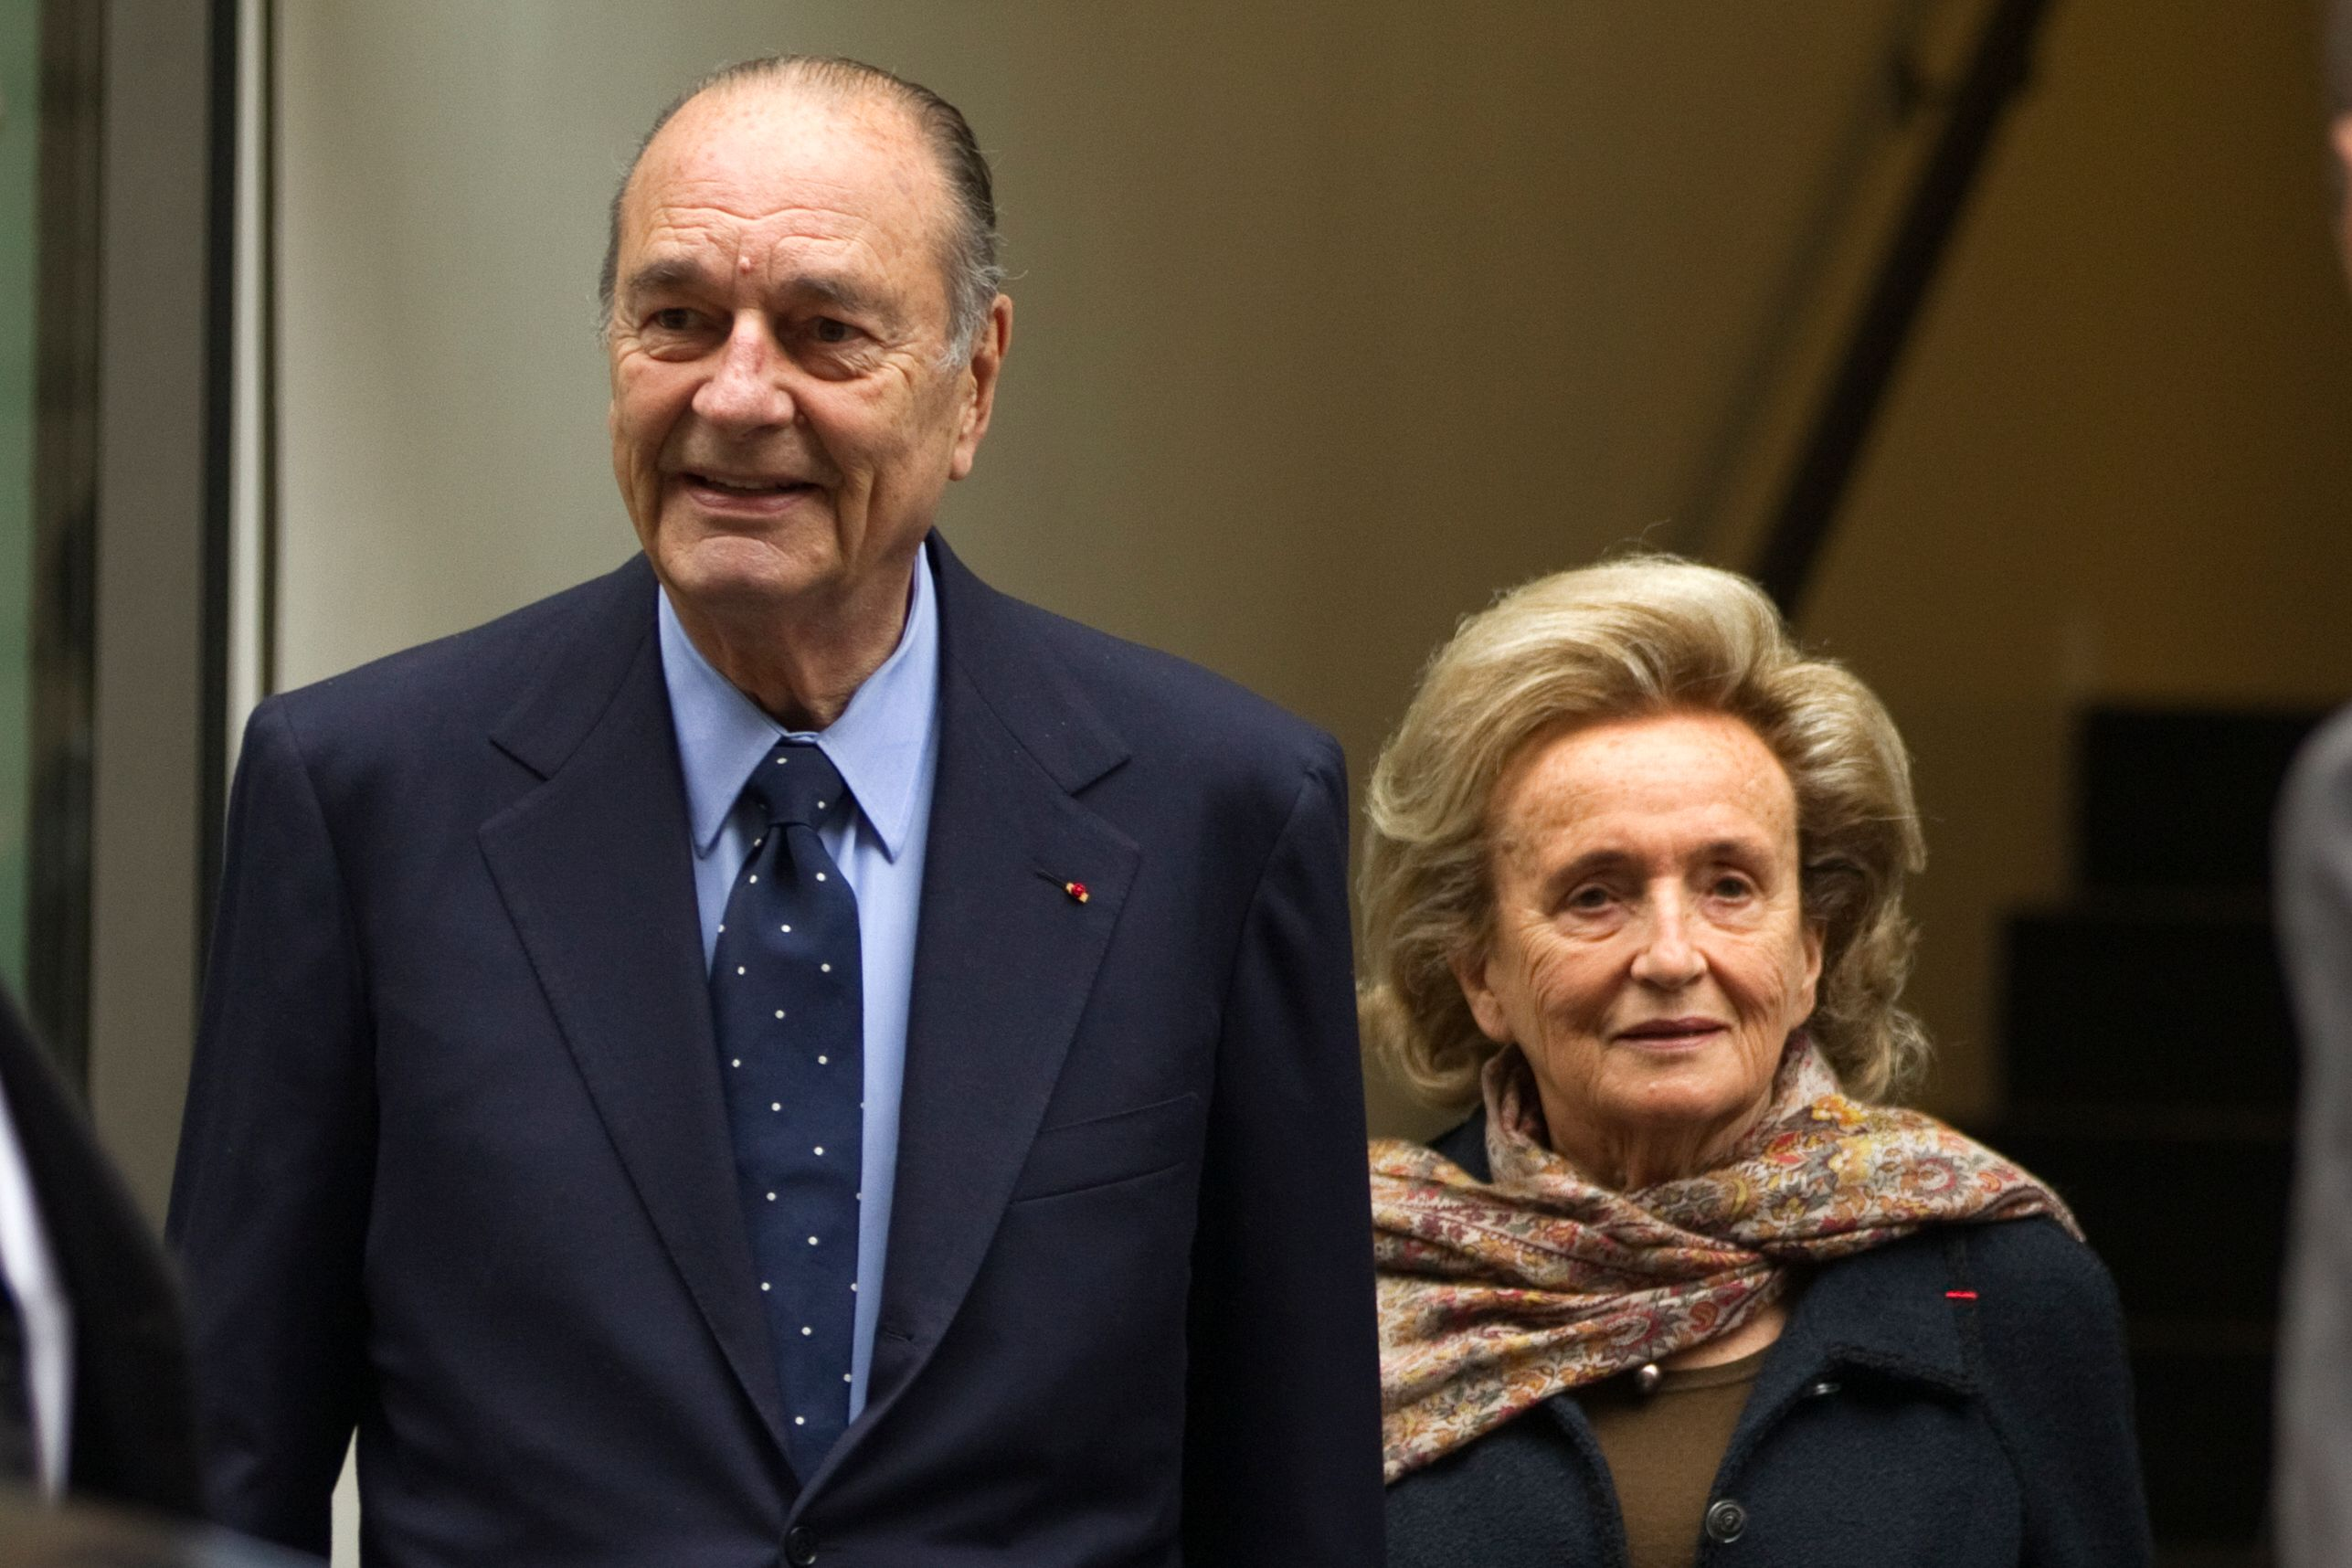 A la fin des années 90, Bernadette Chirac avait levé des fonds dans toute la France pour aider au financement de centres spécialisés dans l'anorexie.